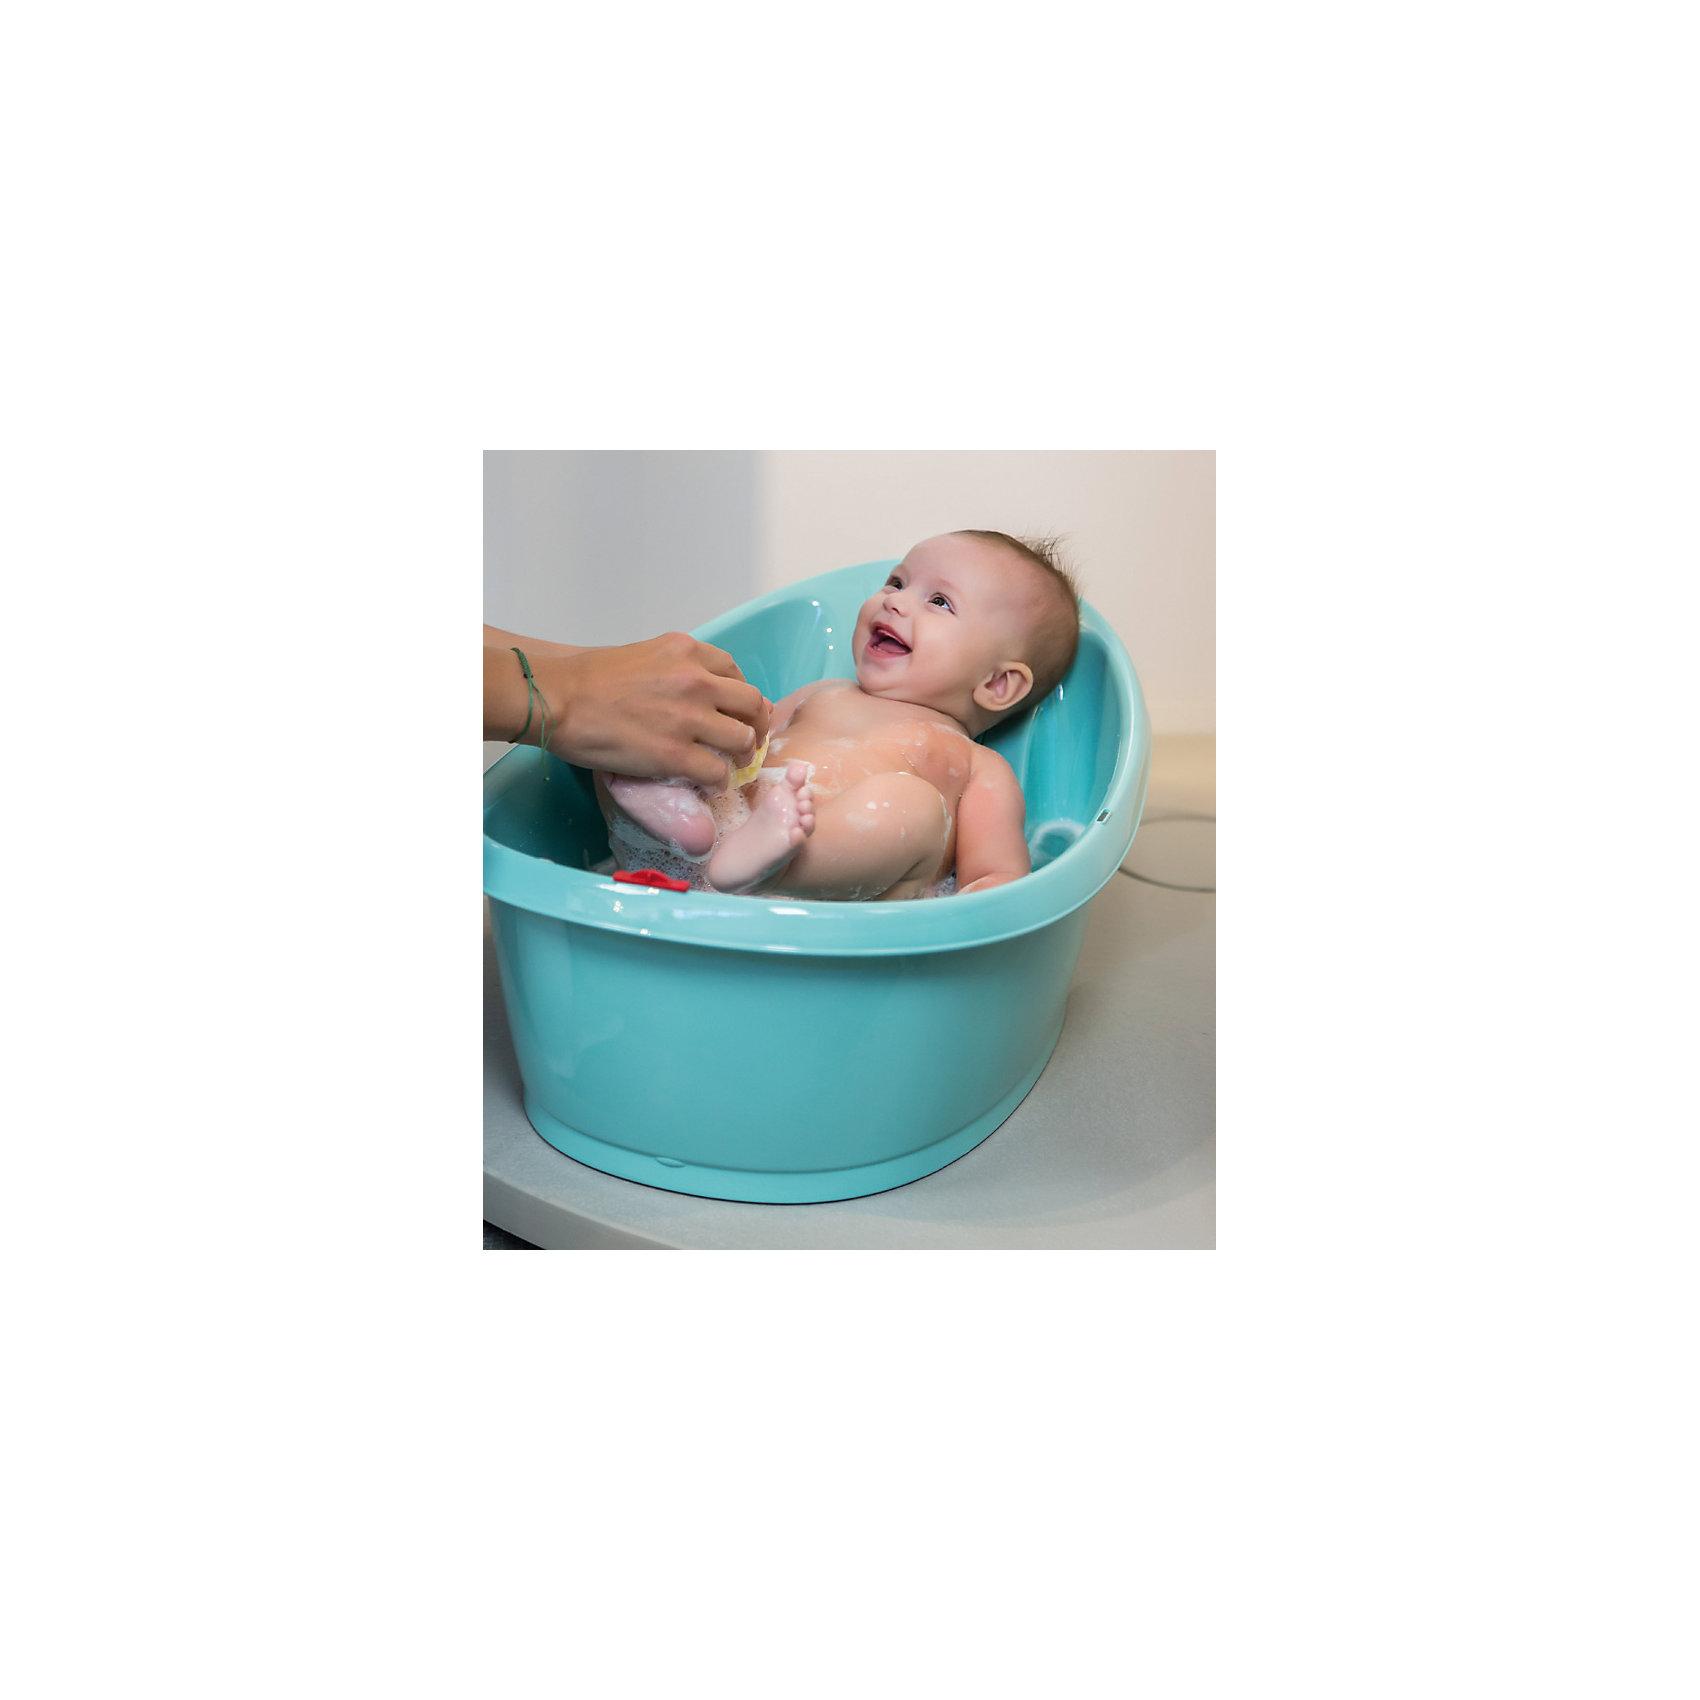 Ванночка Onda, Ok Baby, зеленый (OK Baby)